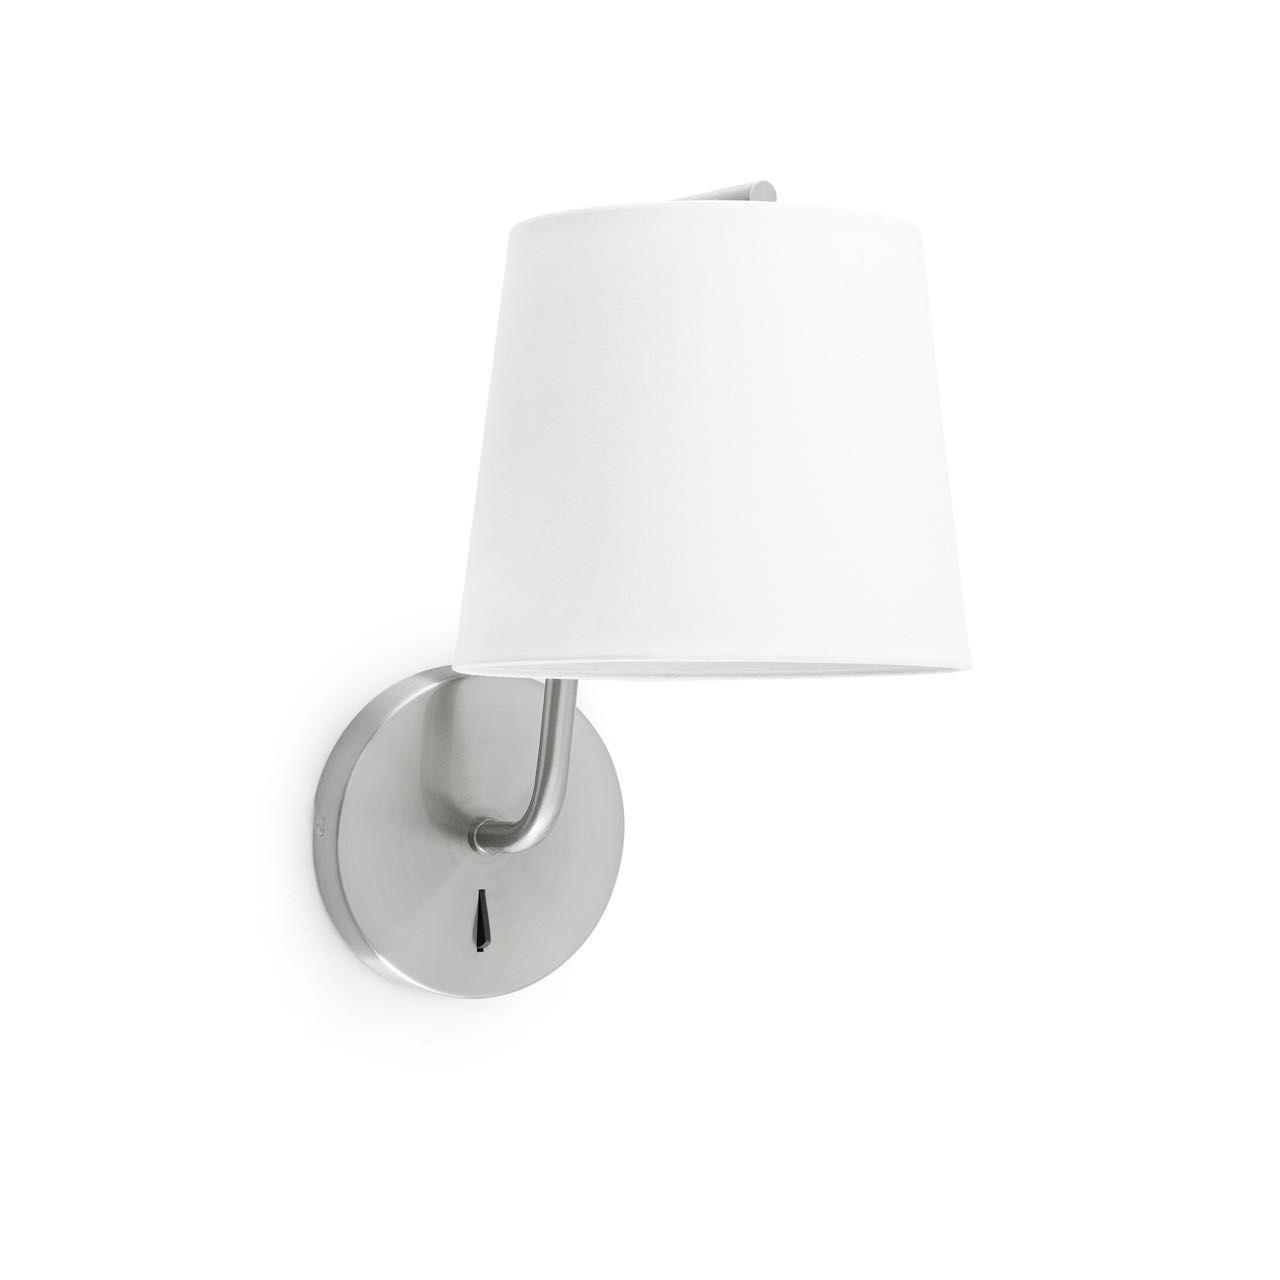 Aplique de pared blanco con interruptor #decoracion